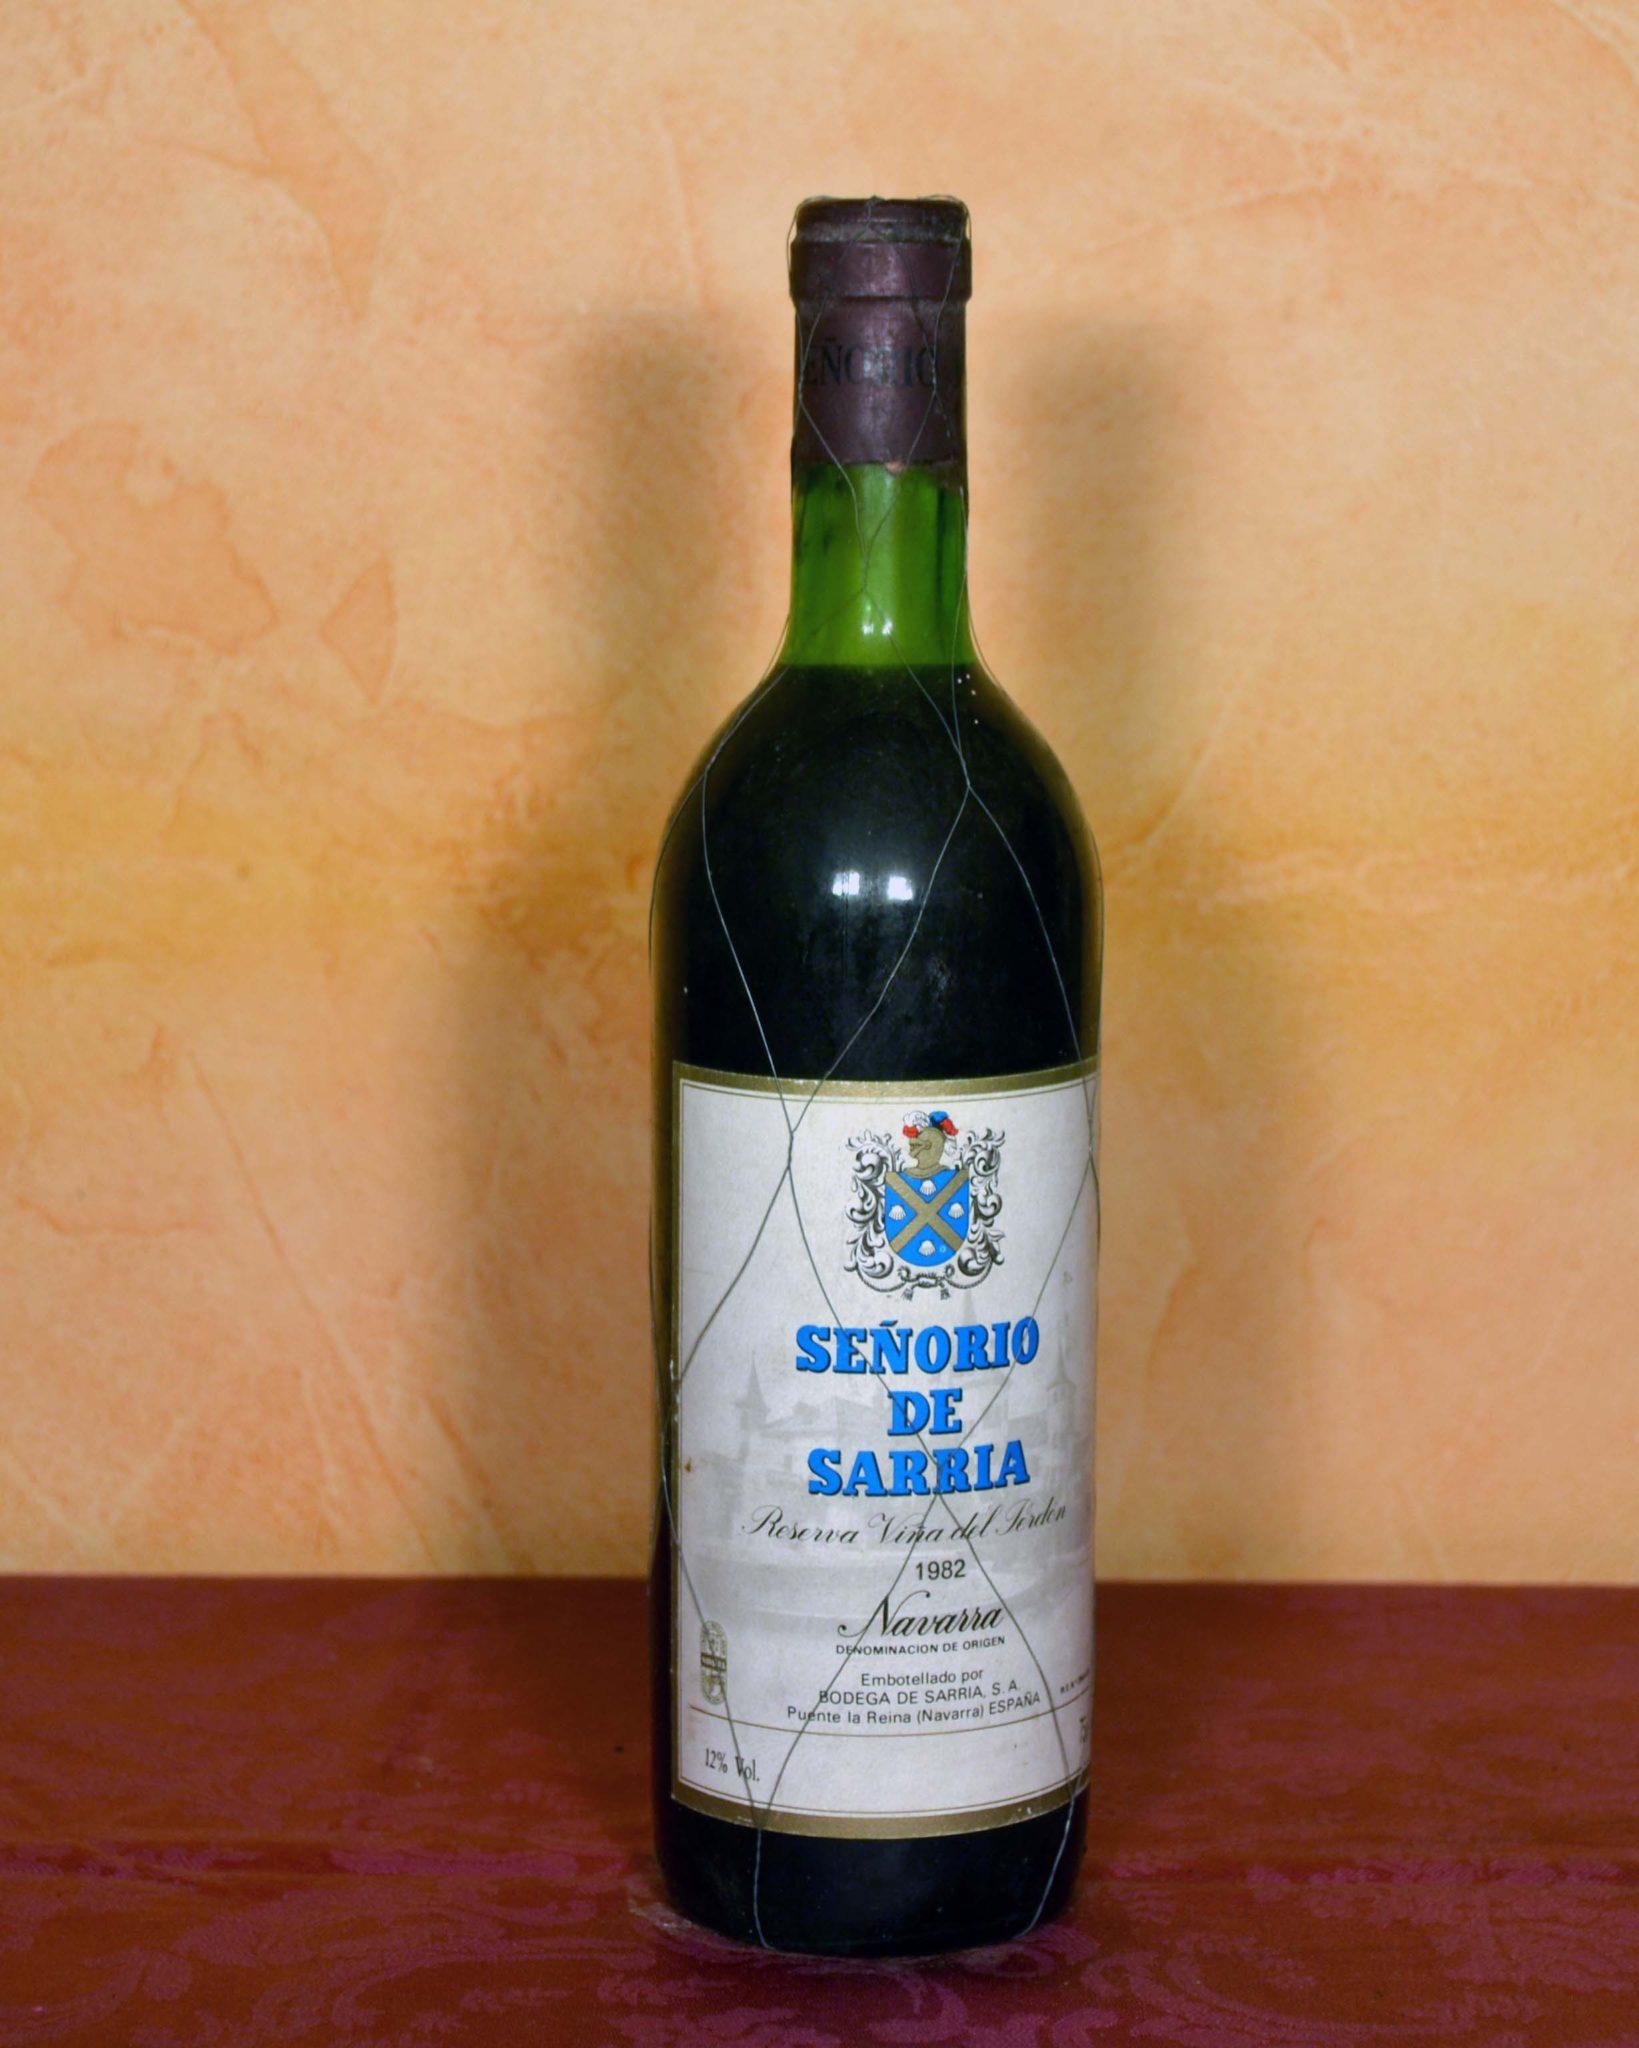 Señorio de Sarria Reserve 1982